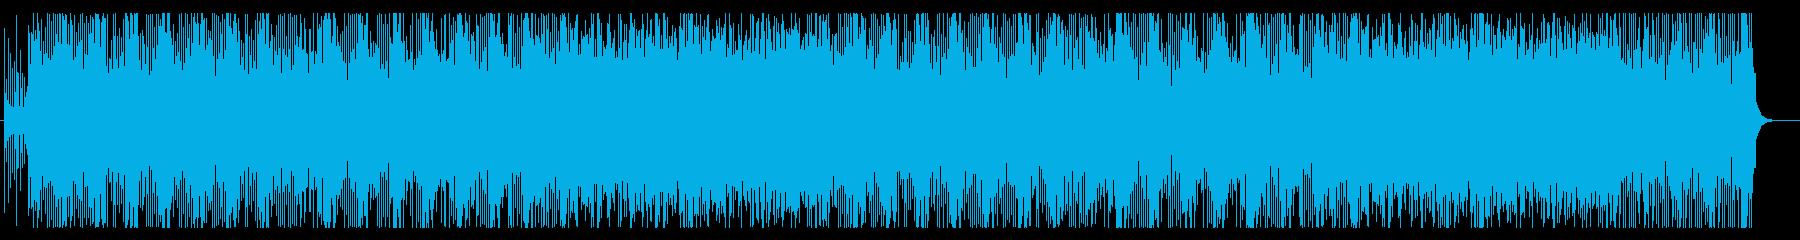 使いやすい!ポップな和風BGM7の再生済みの波形